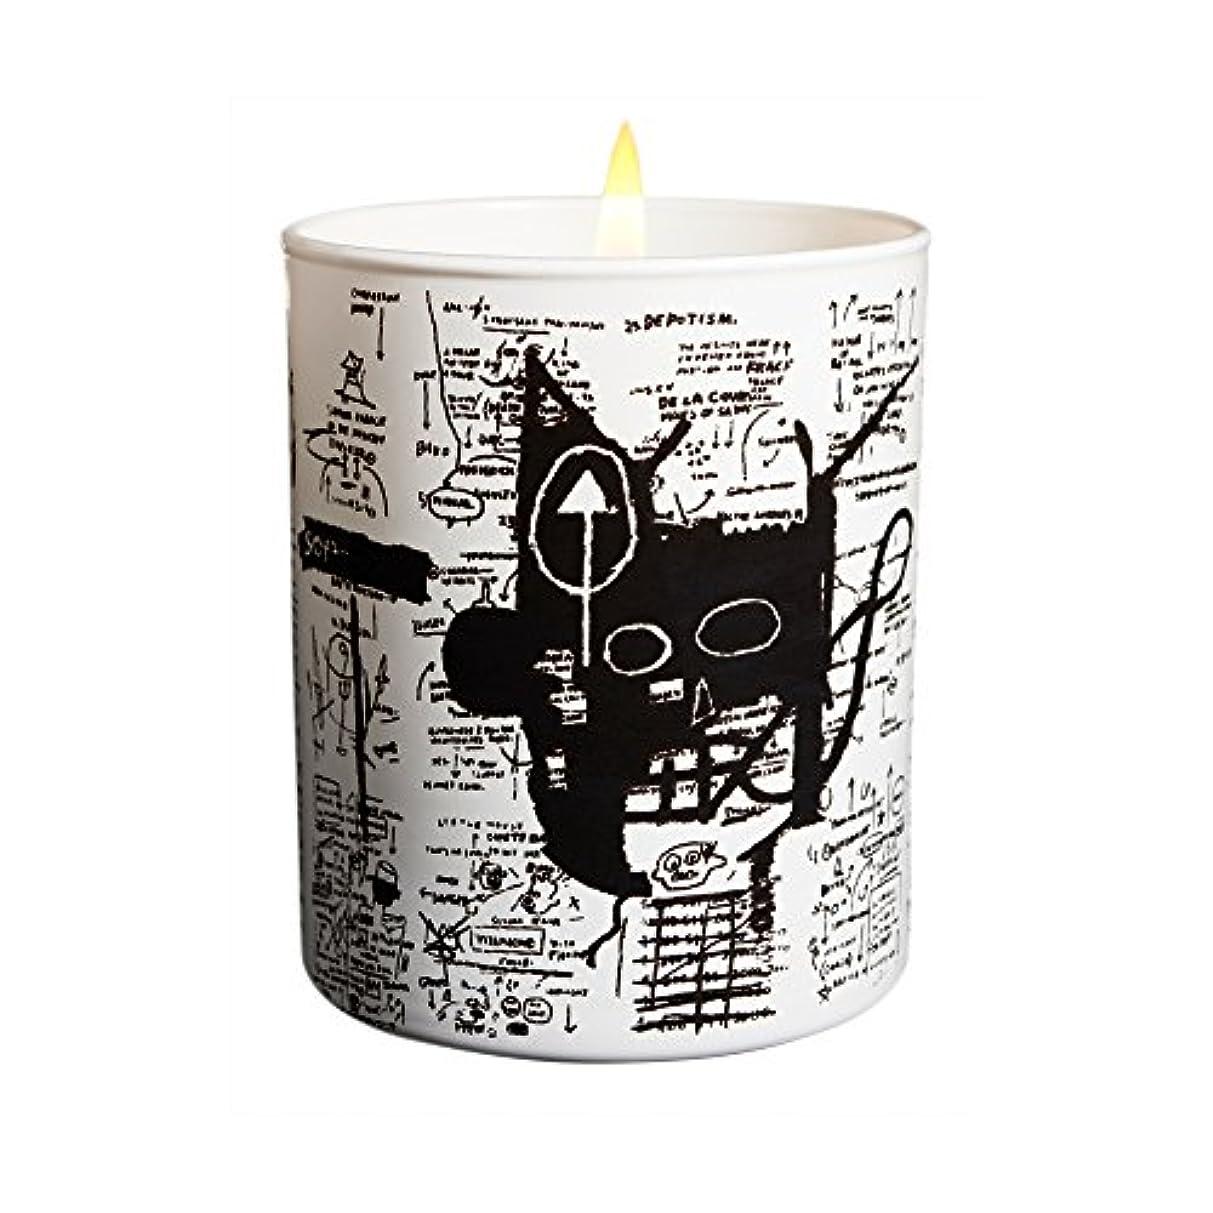 過度の服を片付ける宙返りジャン ミシェル バスキア リターン オブ ザ セントラル フィギュア キャンドル(Jean-Michael Basquiat Perfumed Candle